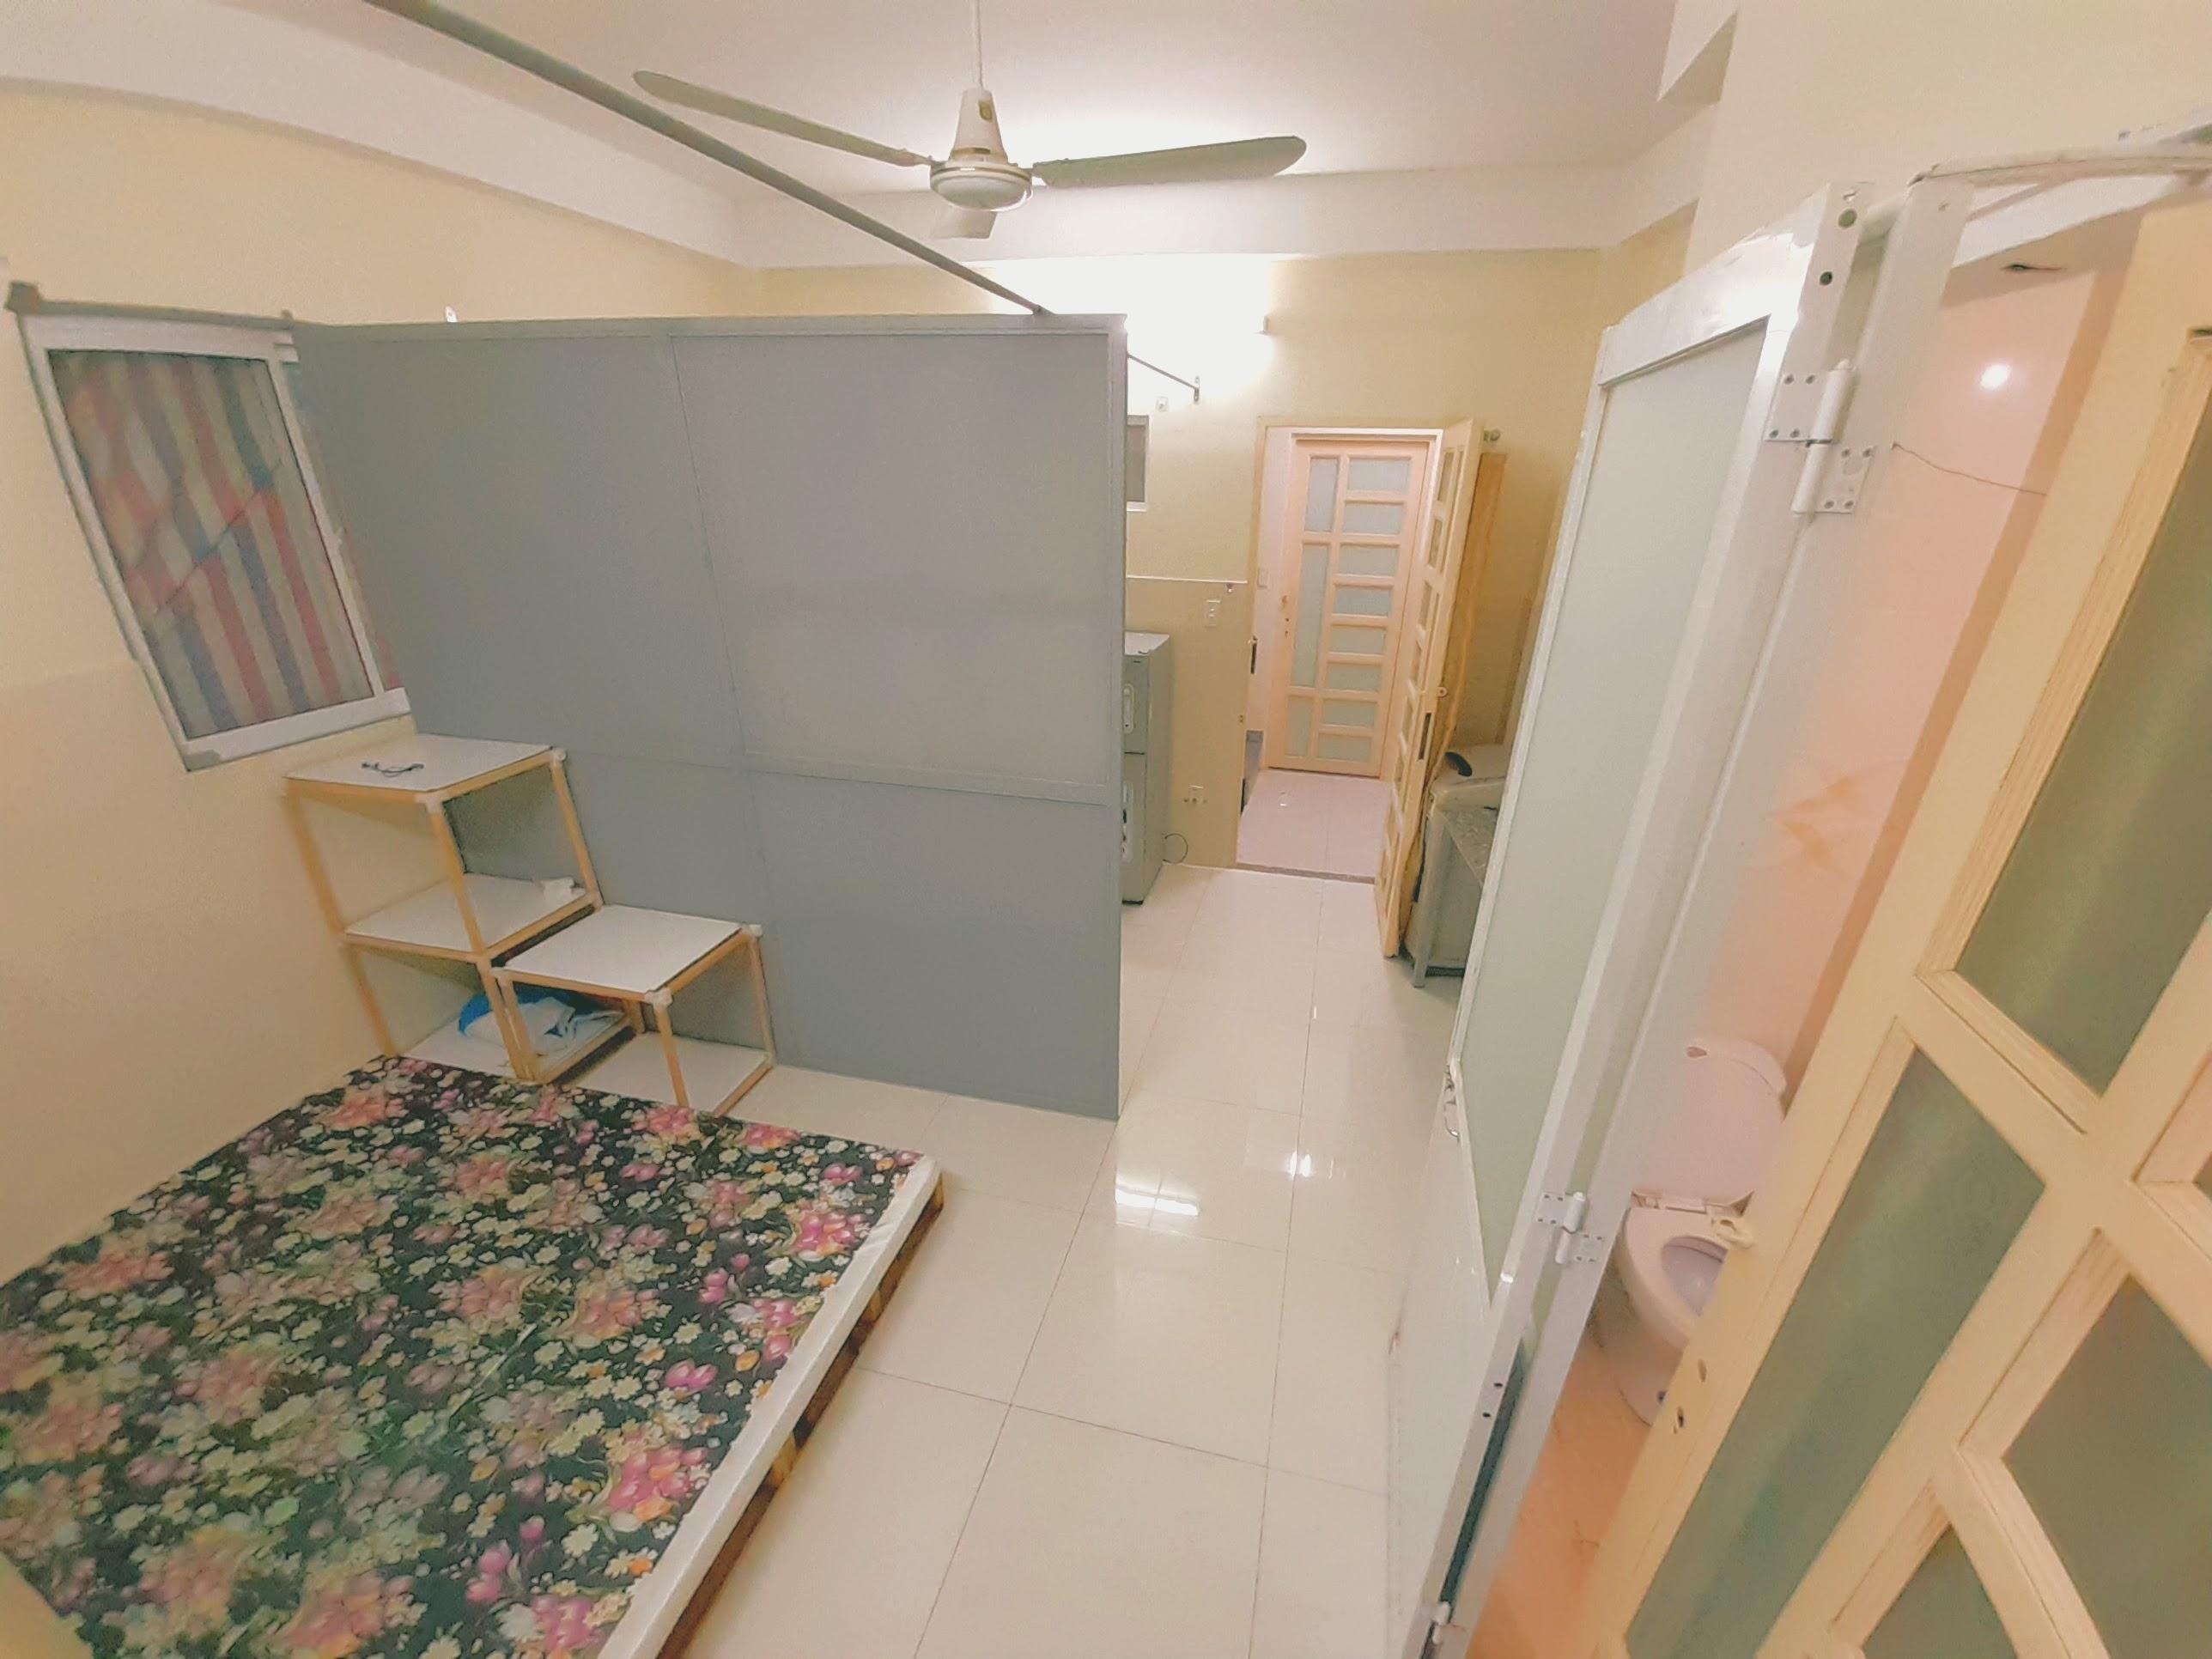 Phòng trọ Quận 7 giá 3 triệu bếp, WC khép kín